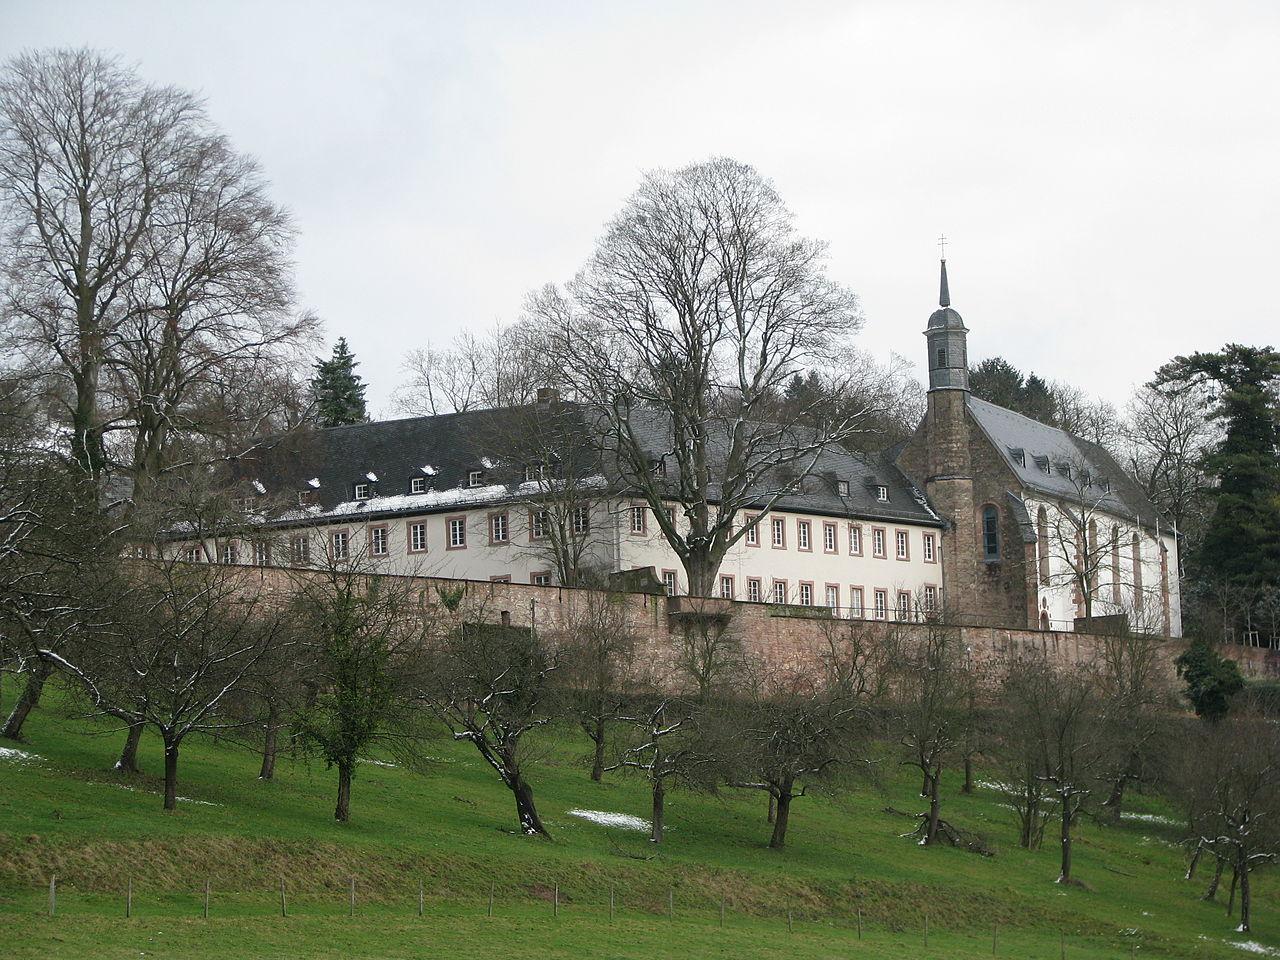 Вид на аббатство Нойбург, Германия